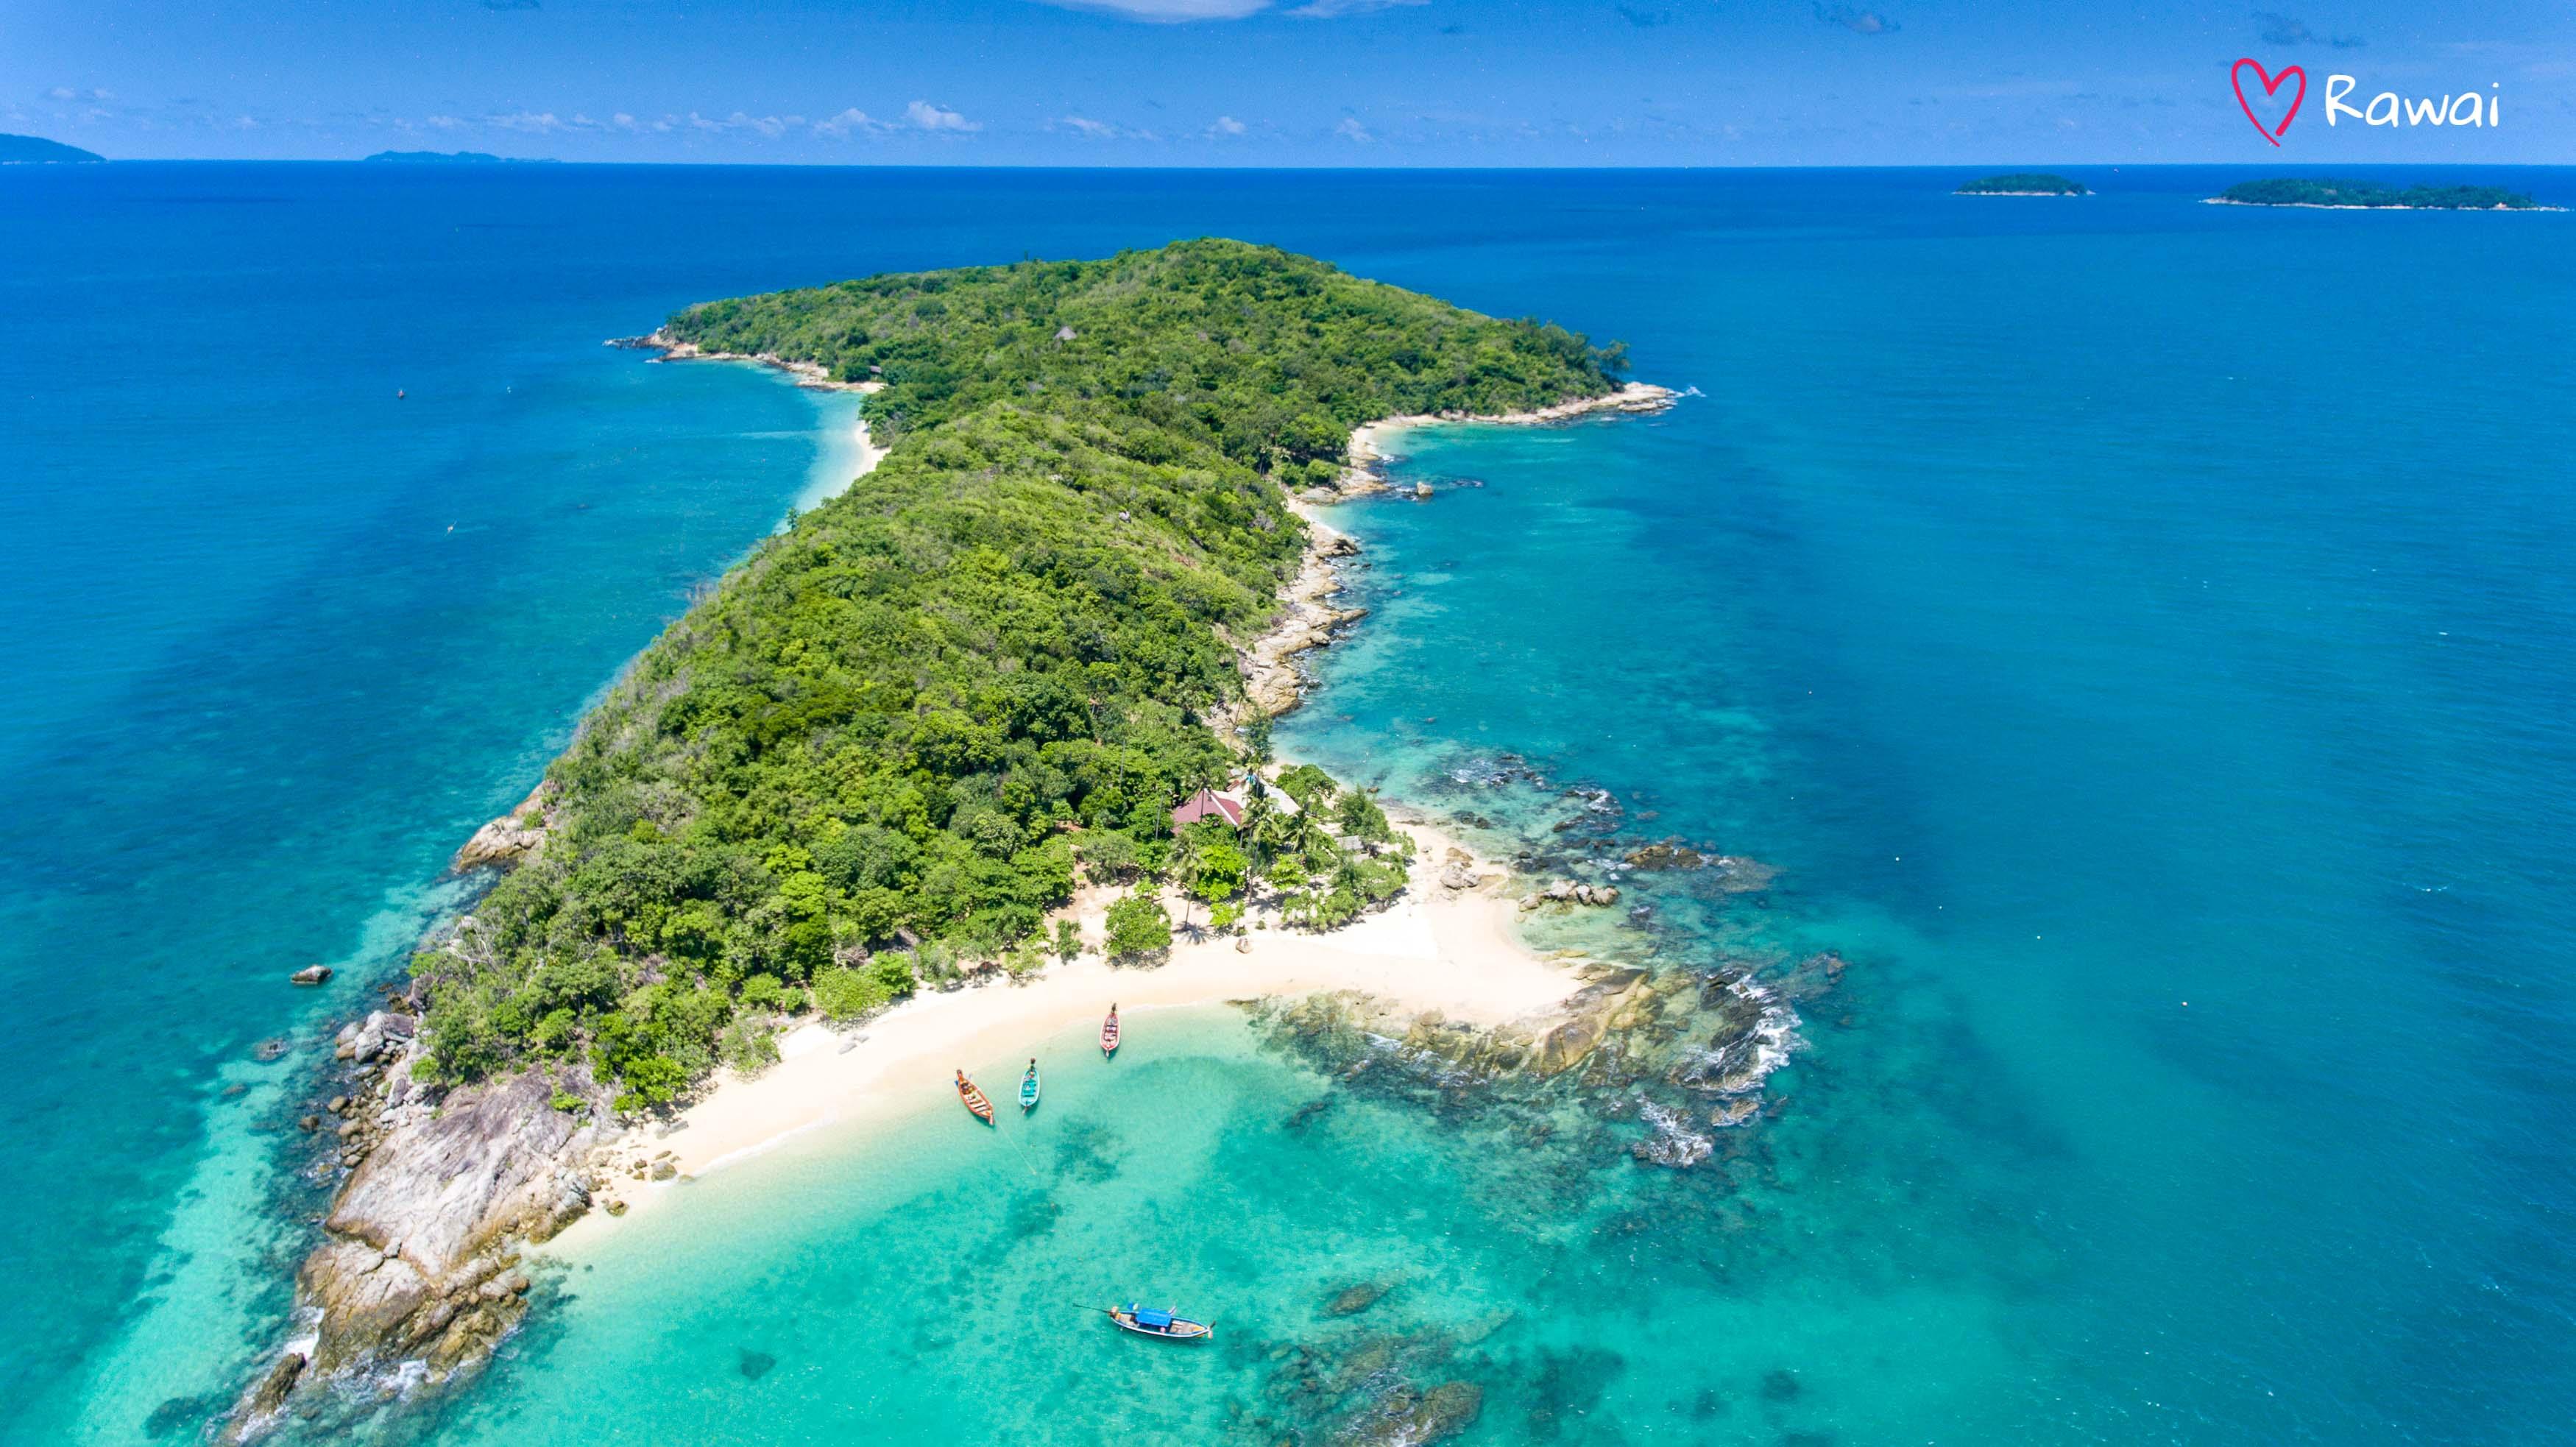 bon island rawai